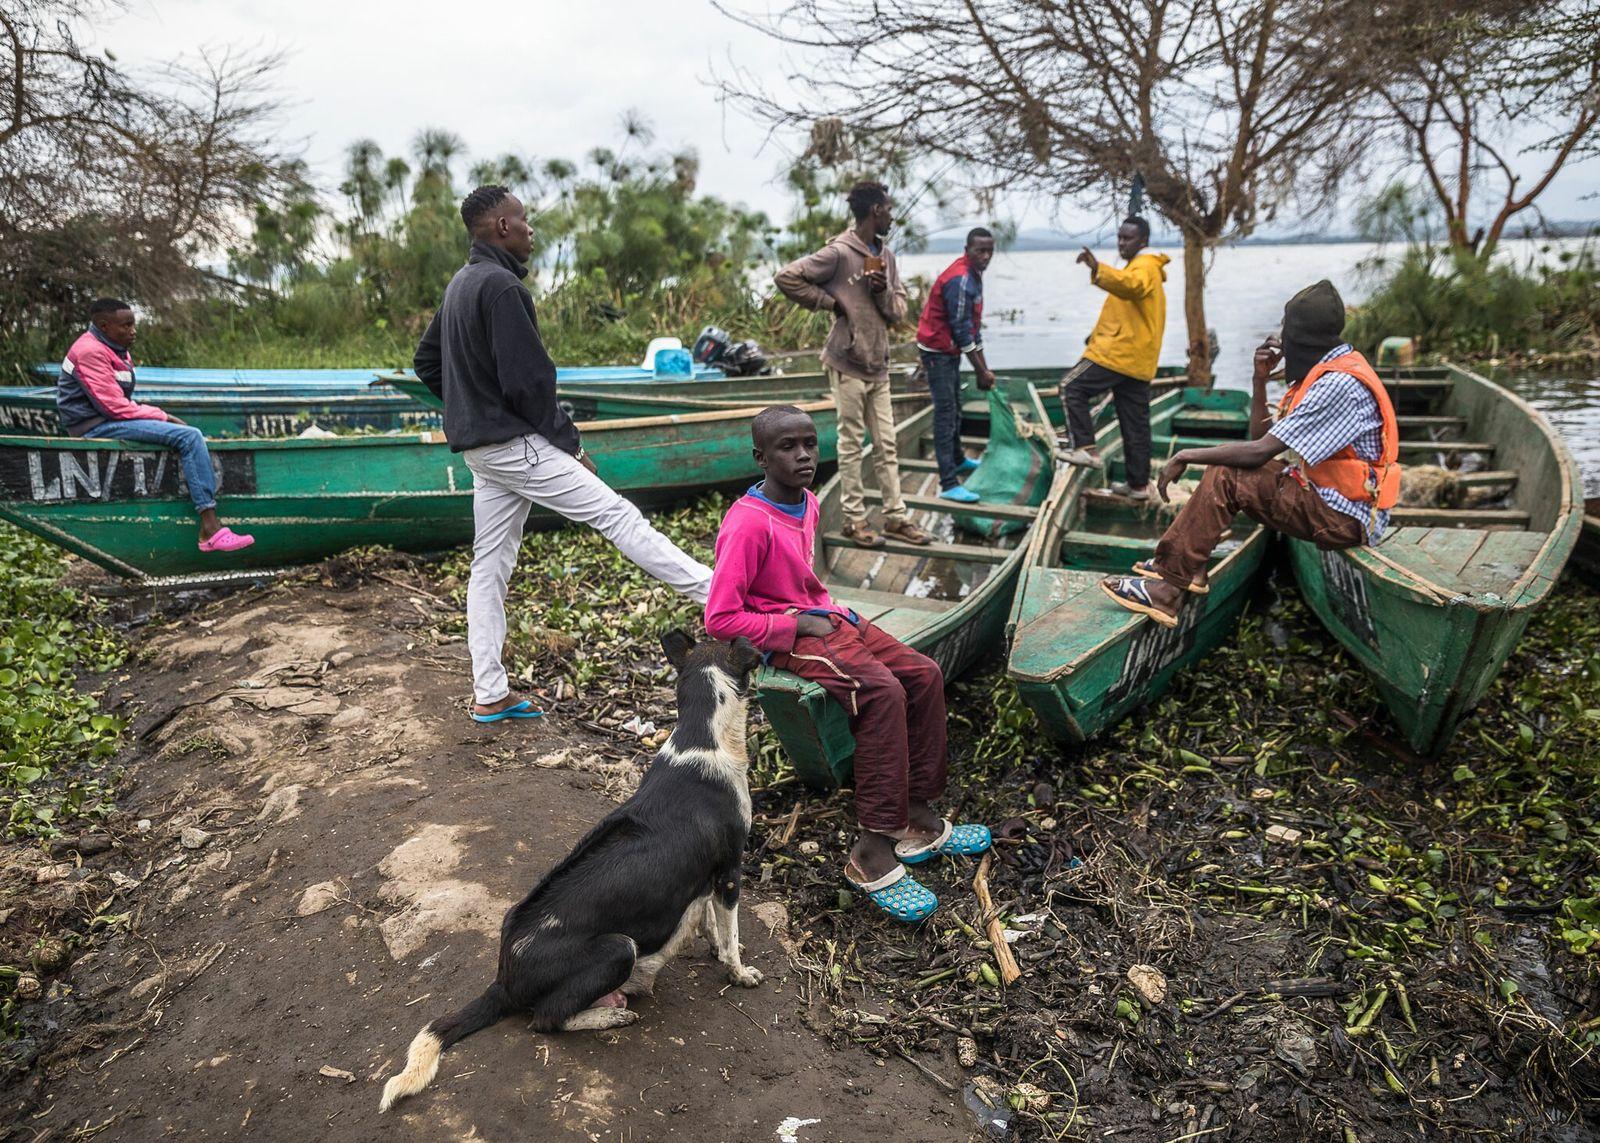 Los pescadores descansan en el embarcadero